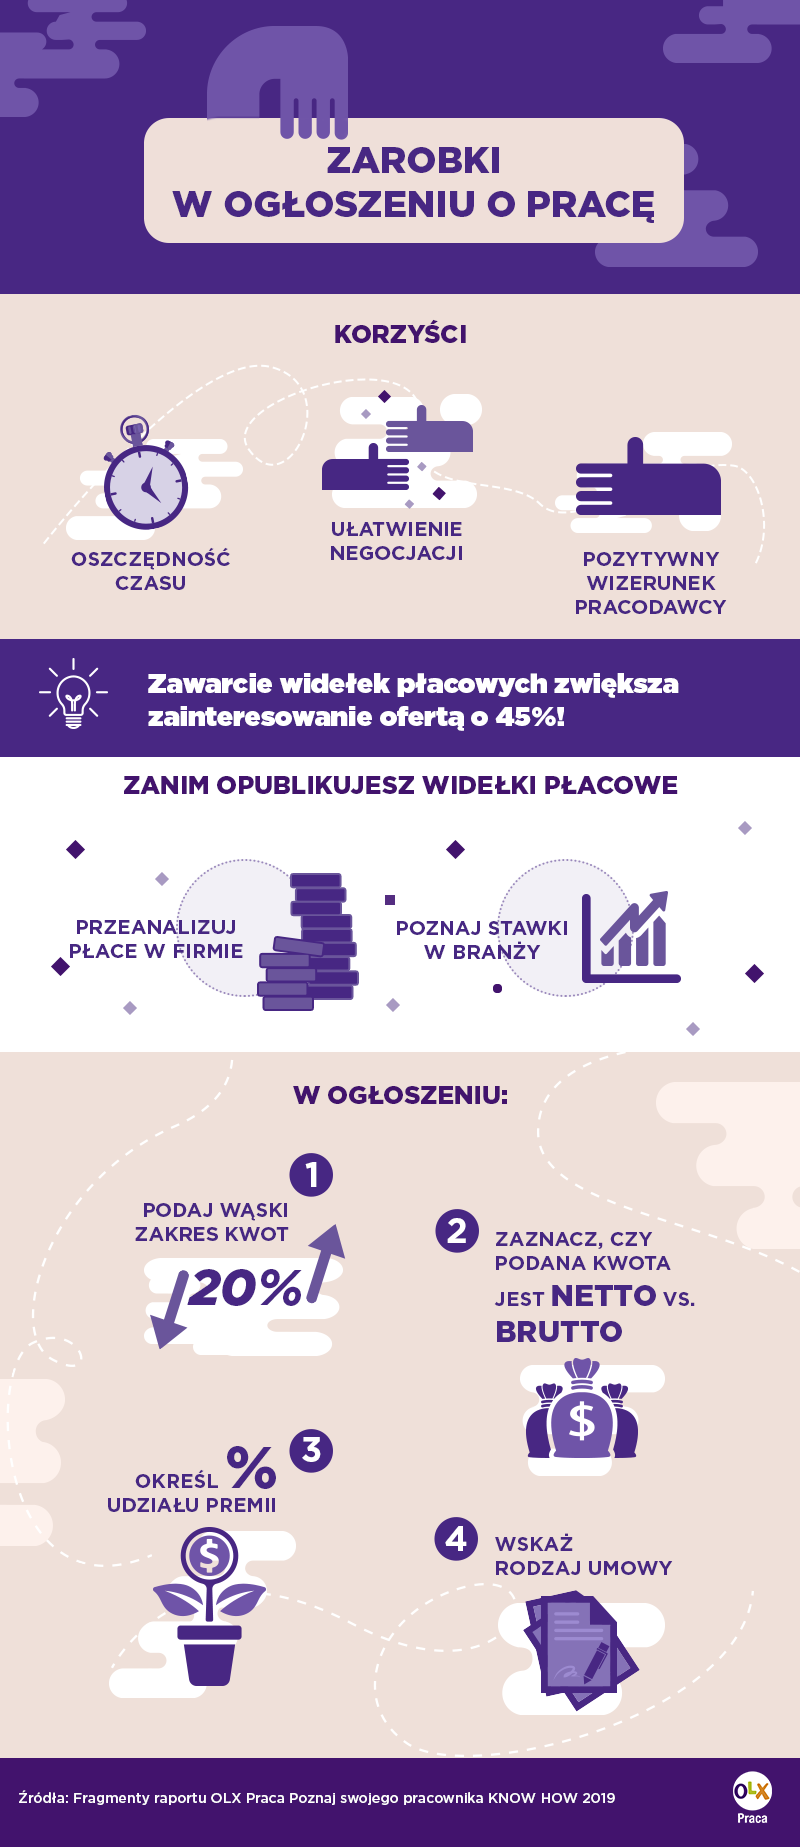 OLXPraca_infografika_ZAROBKI_2019-06-25